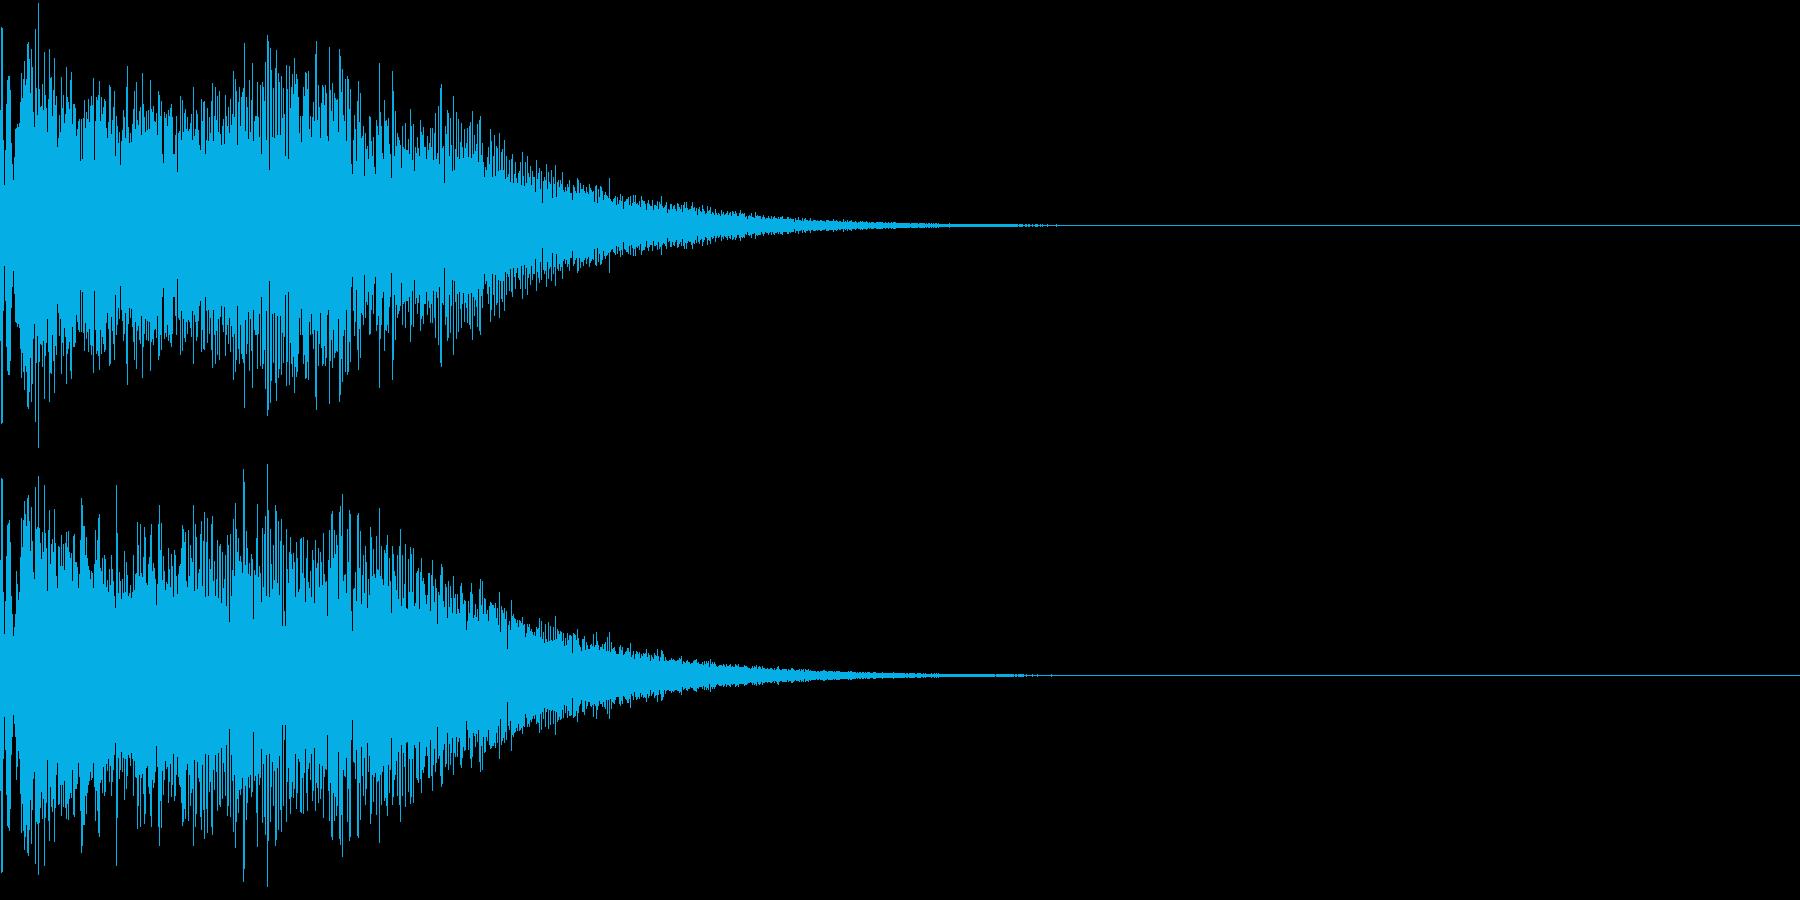 キュイン キーン シャキーン 光る 05の再生済みの波形